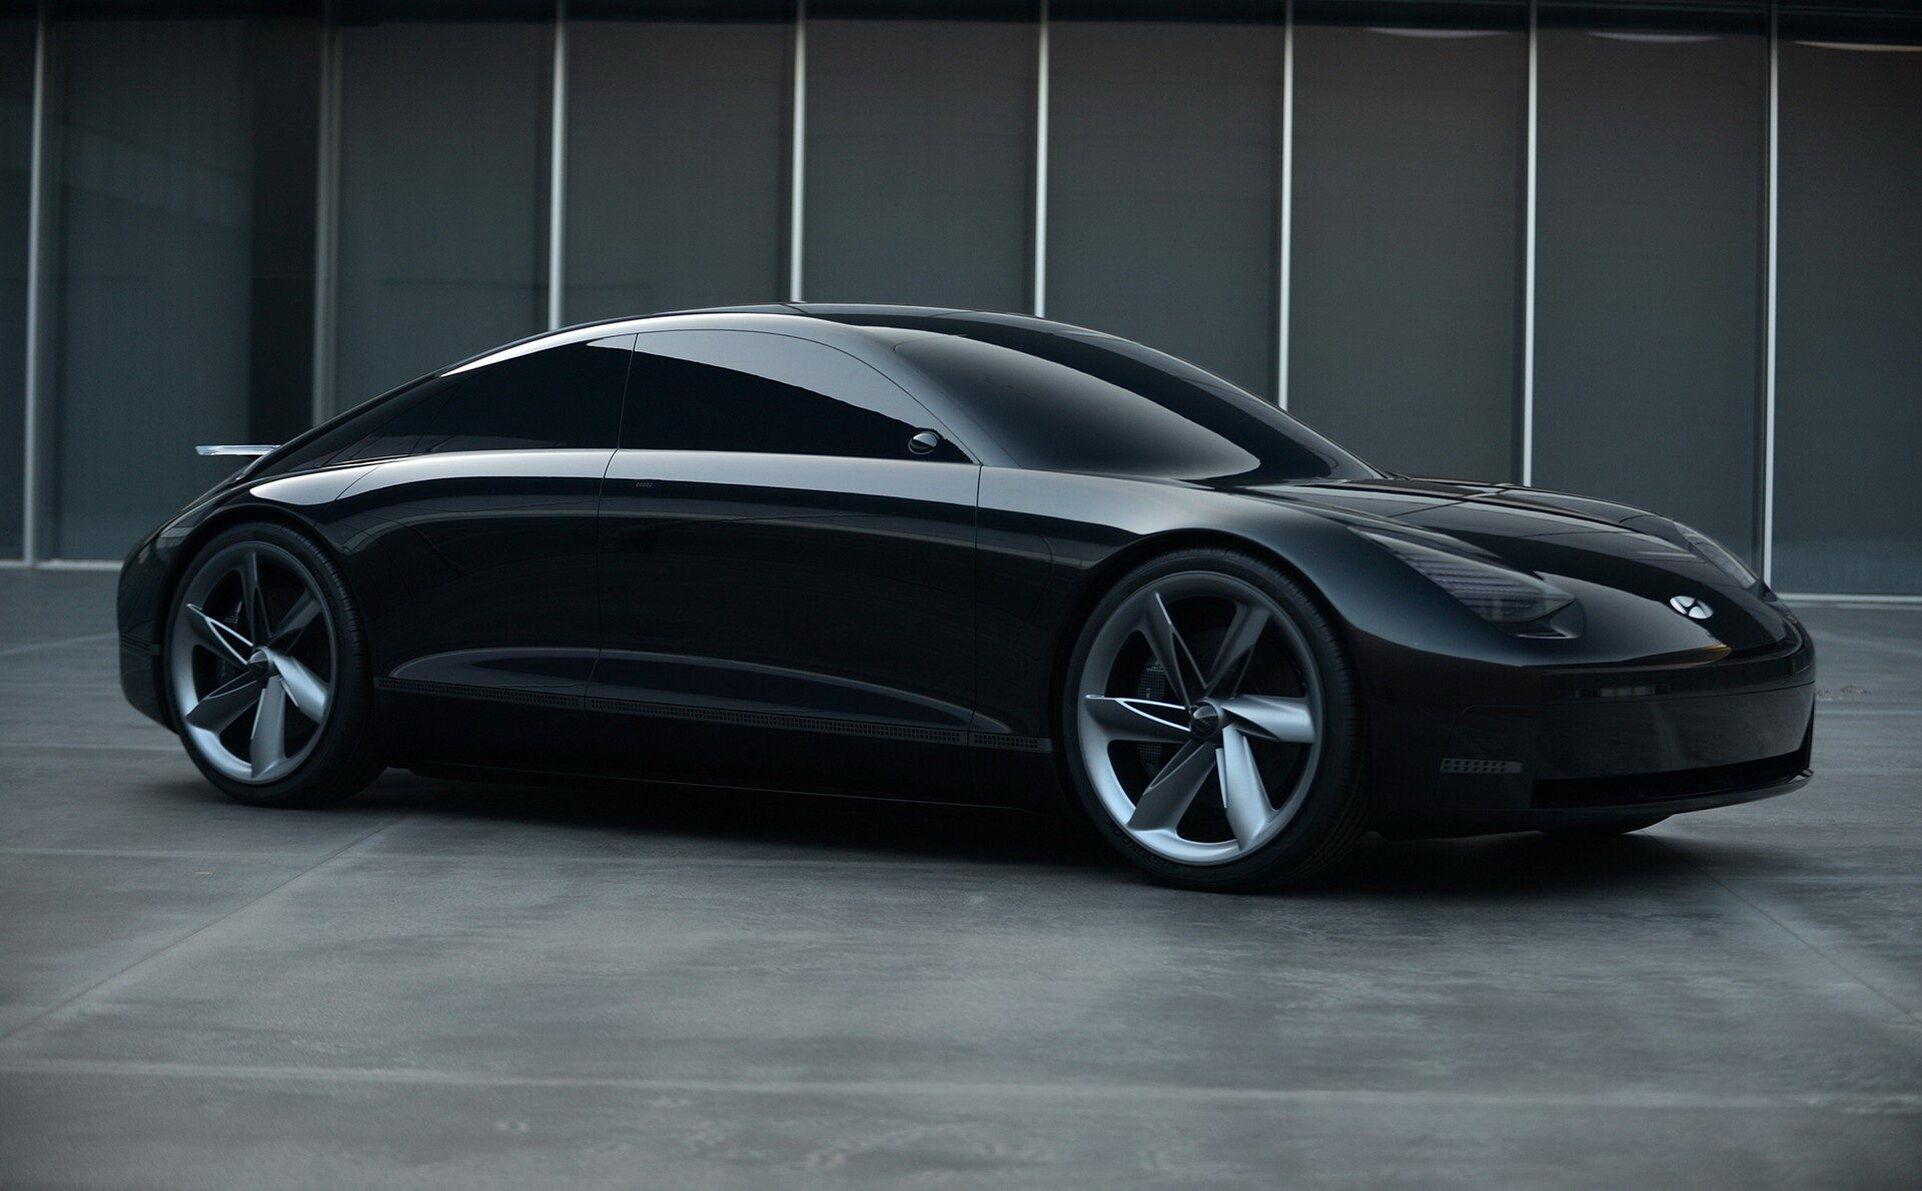 Черный цвет кузова подчеркивает строгость и спокойствие дизайна Prophecy